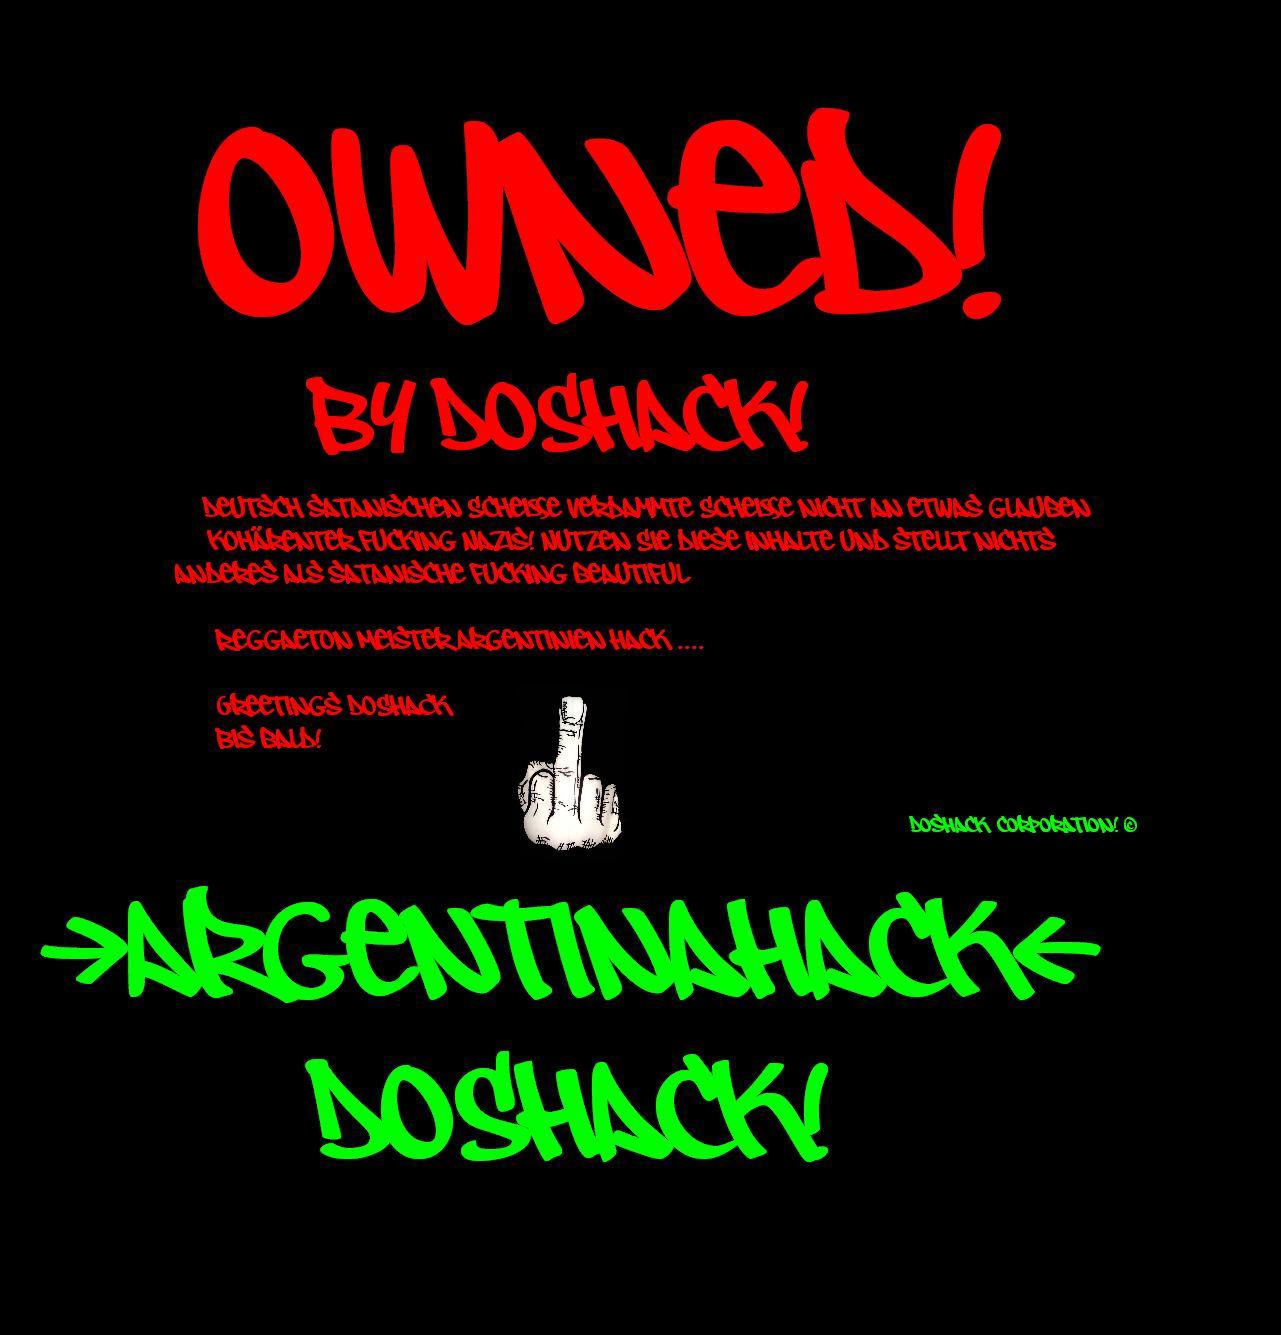 Hackeado by DoSHack